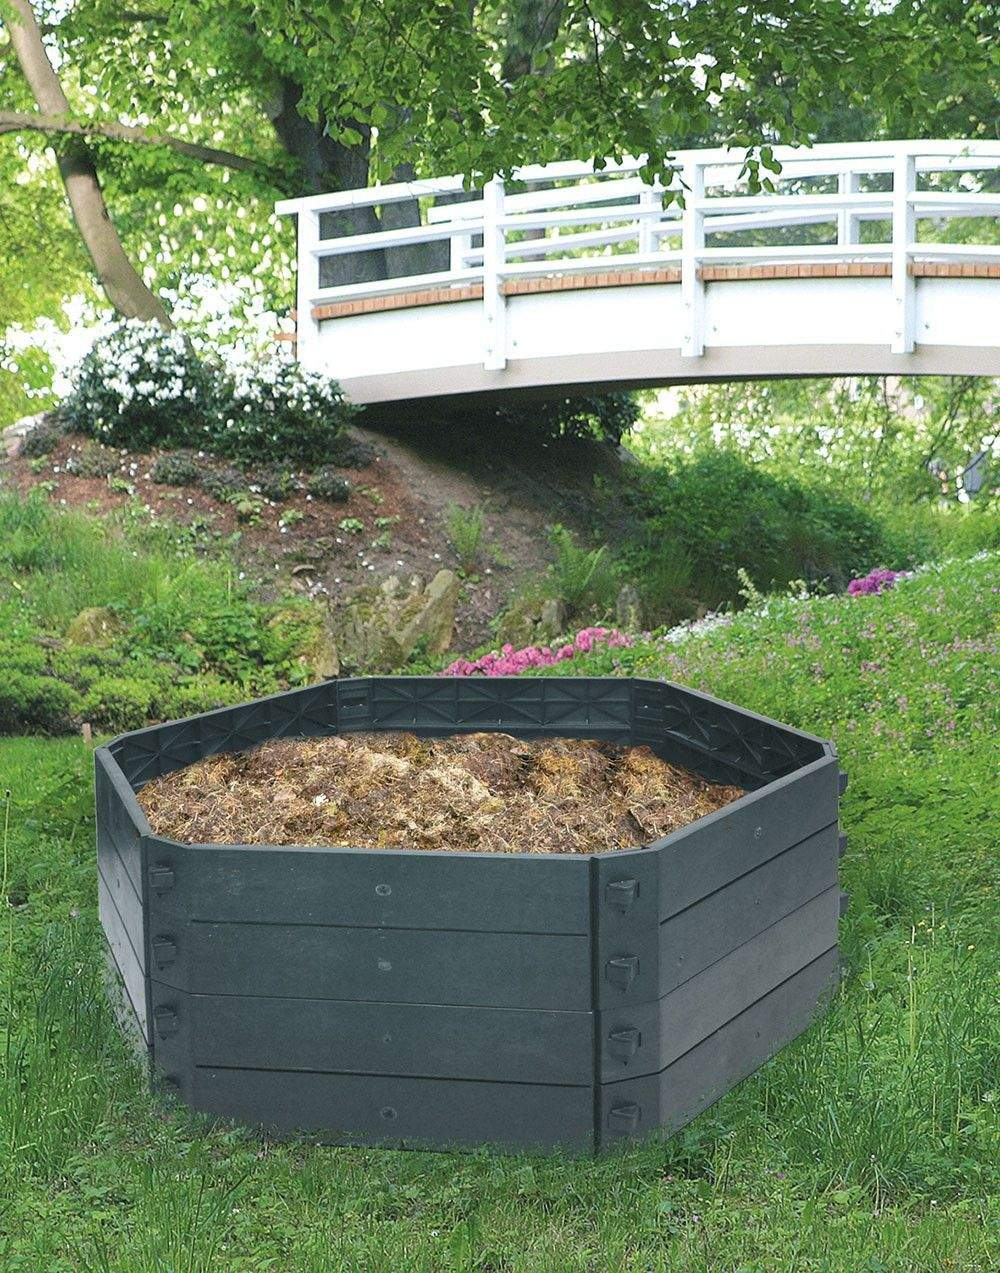 Garten Komposter Inspirierend Khw Erweiterbarer Schnellkomposter Grundvariante Sk 550 Liter